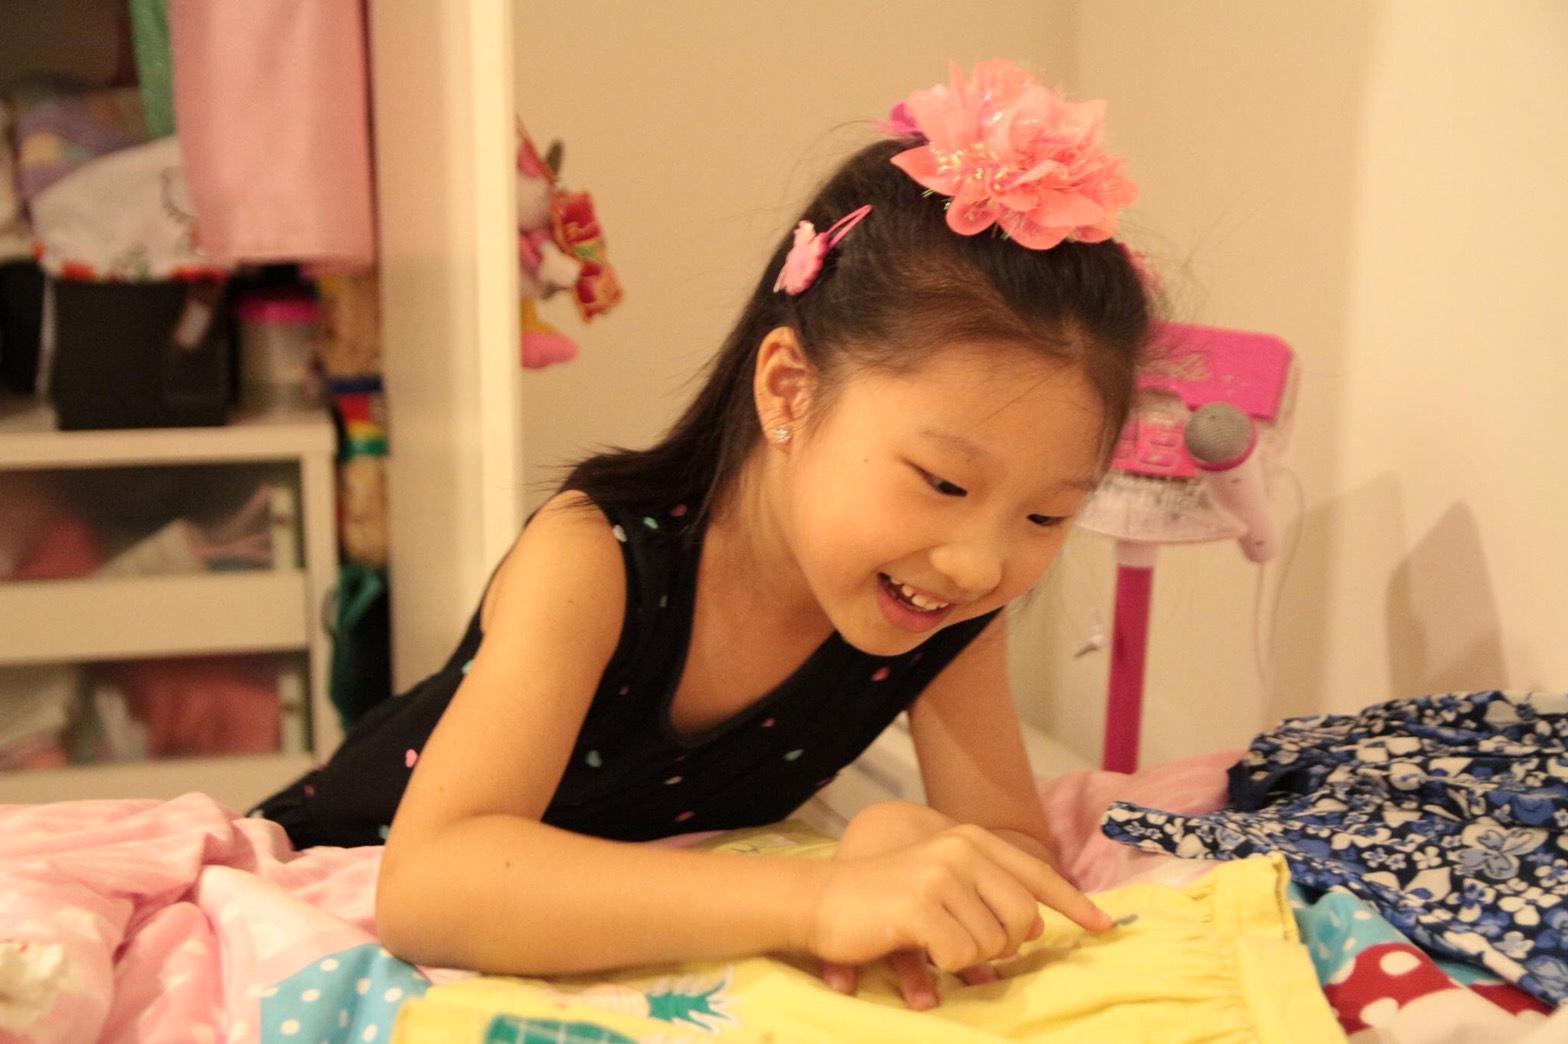 お気に入りのお花をつけたソフィ。自分の服を上手にたためるようになりました。女の子は何でも早いこと!